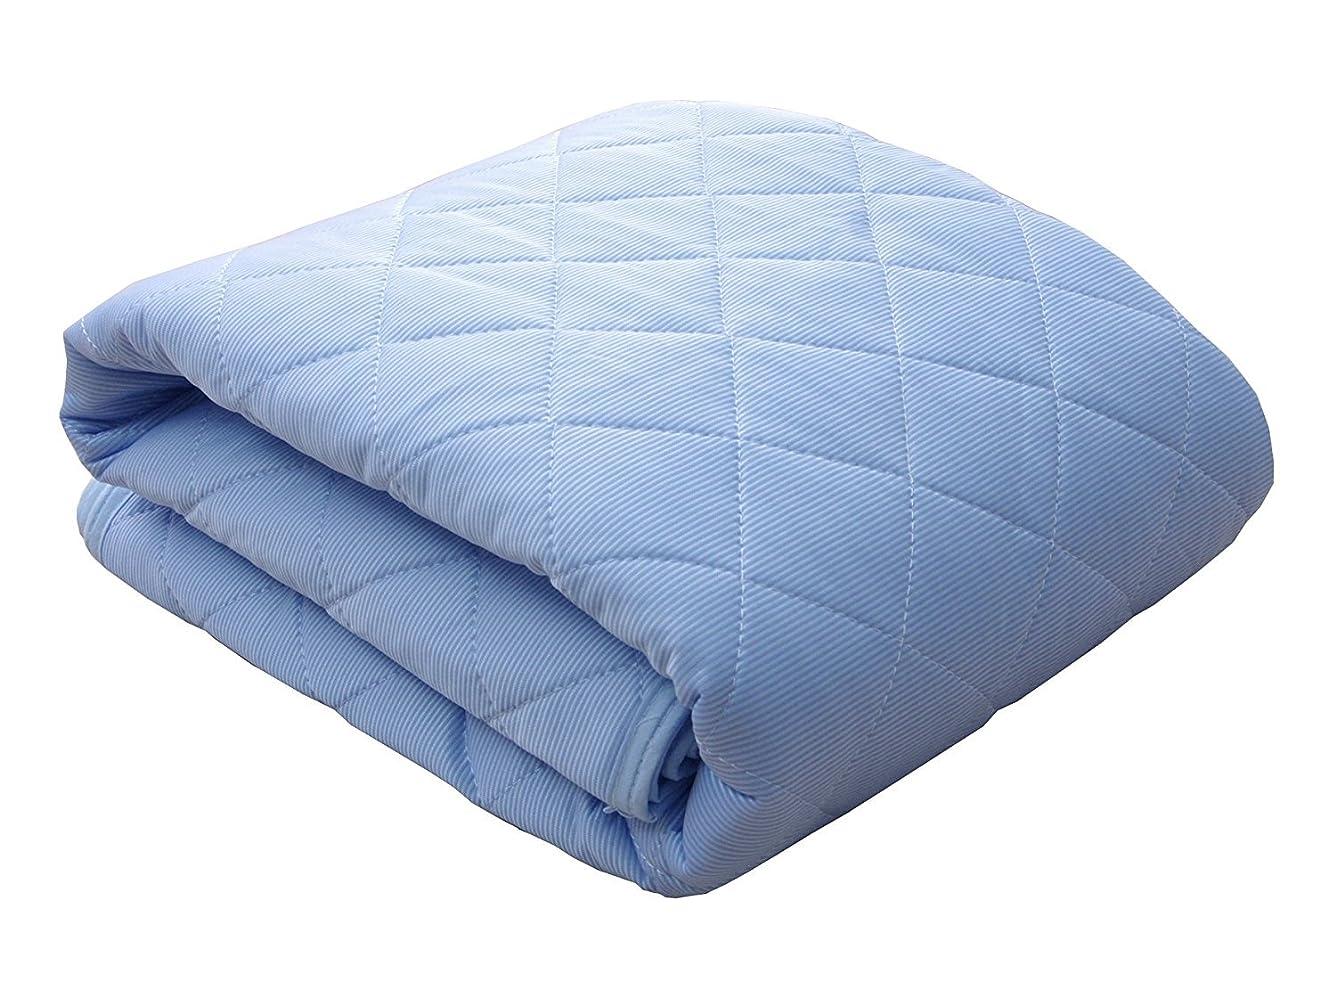 できない火山学者ロッカーダブルサイズ 接触冷感 敷きパッド「 レノ 」【GL】サイズ:140×205cm ブルー(#9810690)